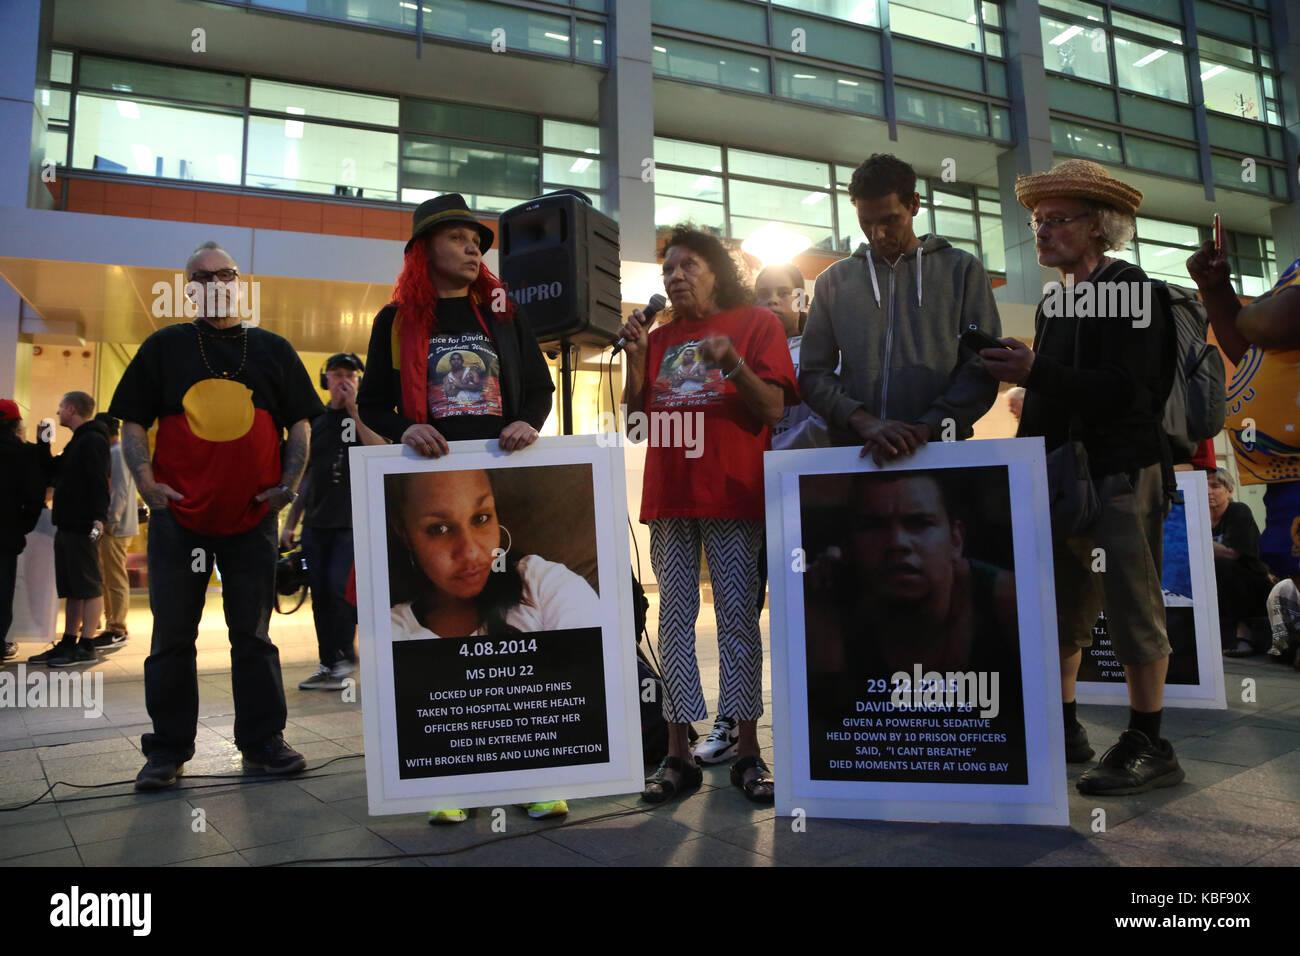 Sydney, Australien. 29 Sep, 2017. Ein nationaler Tag der Aktion war im ganzen Land statt, als die Demonstranten Stockbild